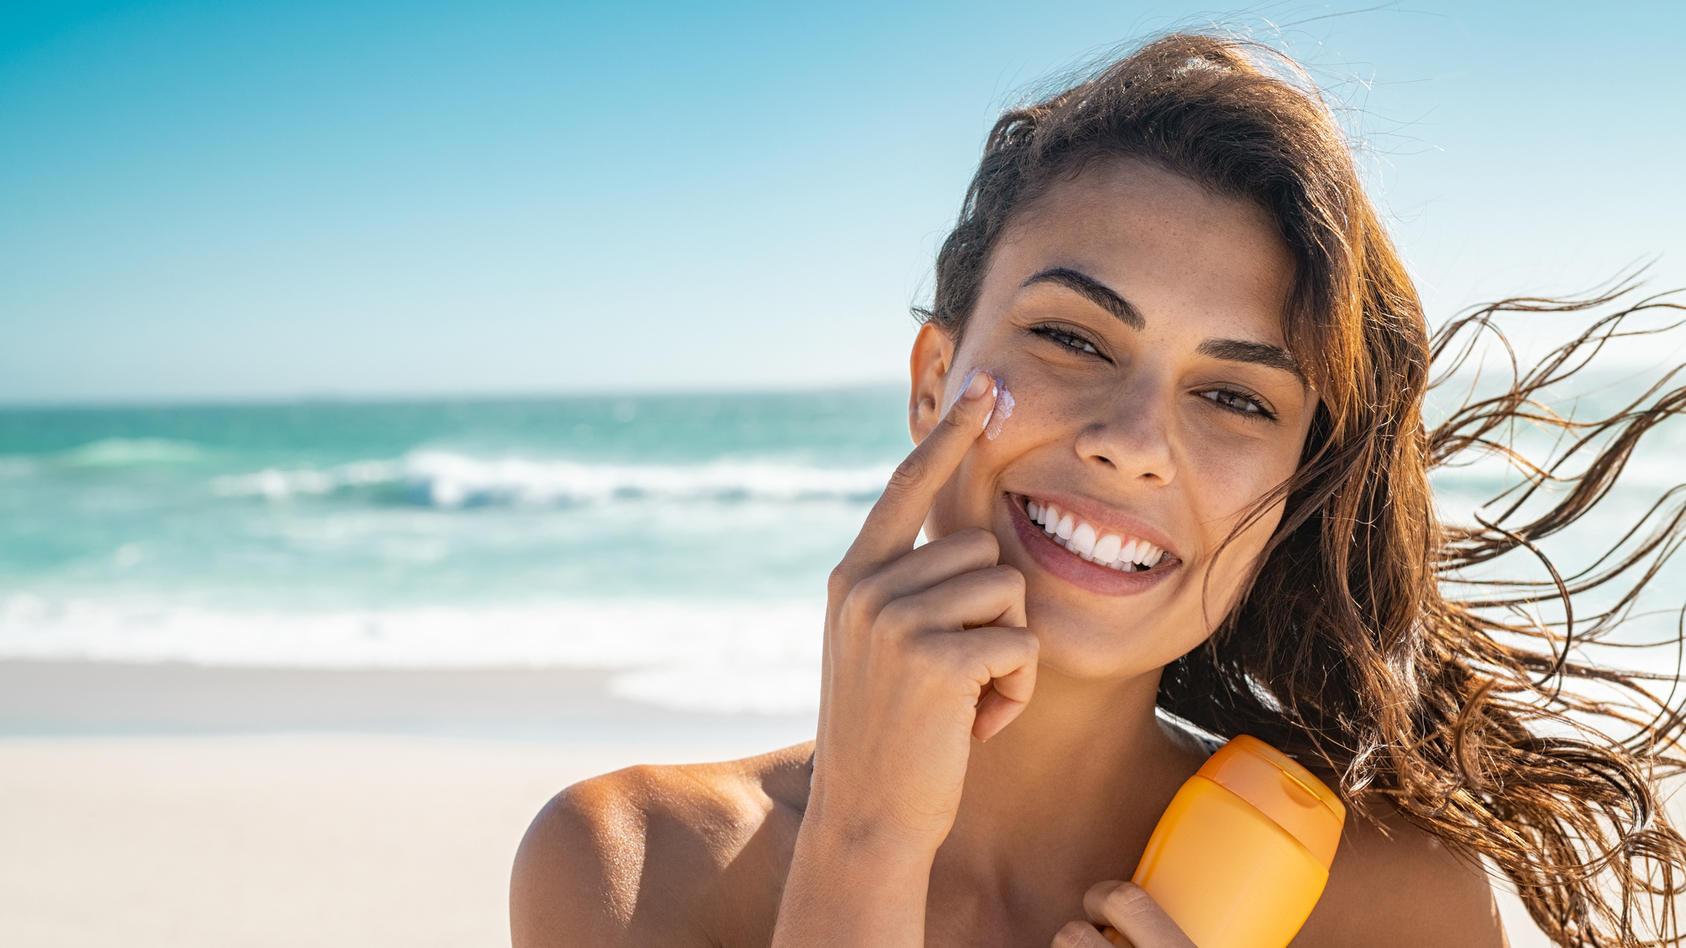 Sonnenschutz ist sehr wichtig. Doch welches Produkt eignet sich für Ihren Hauttyp?